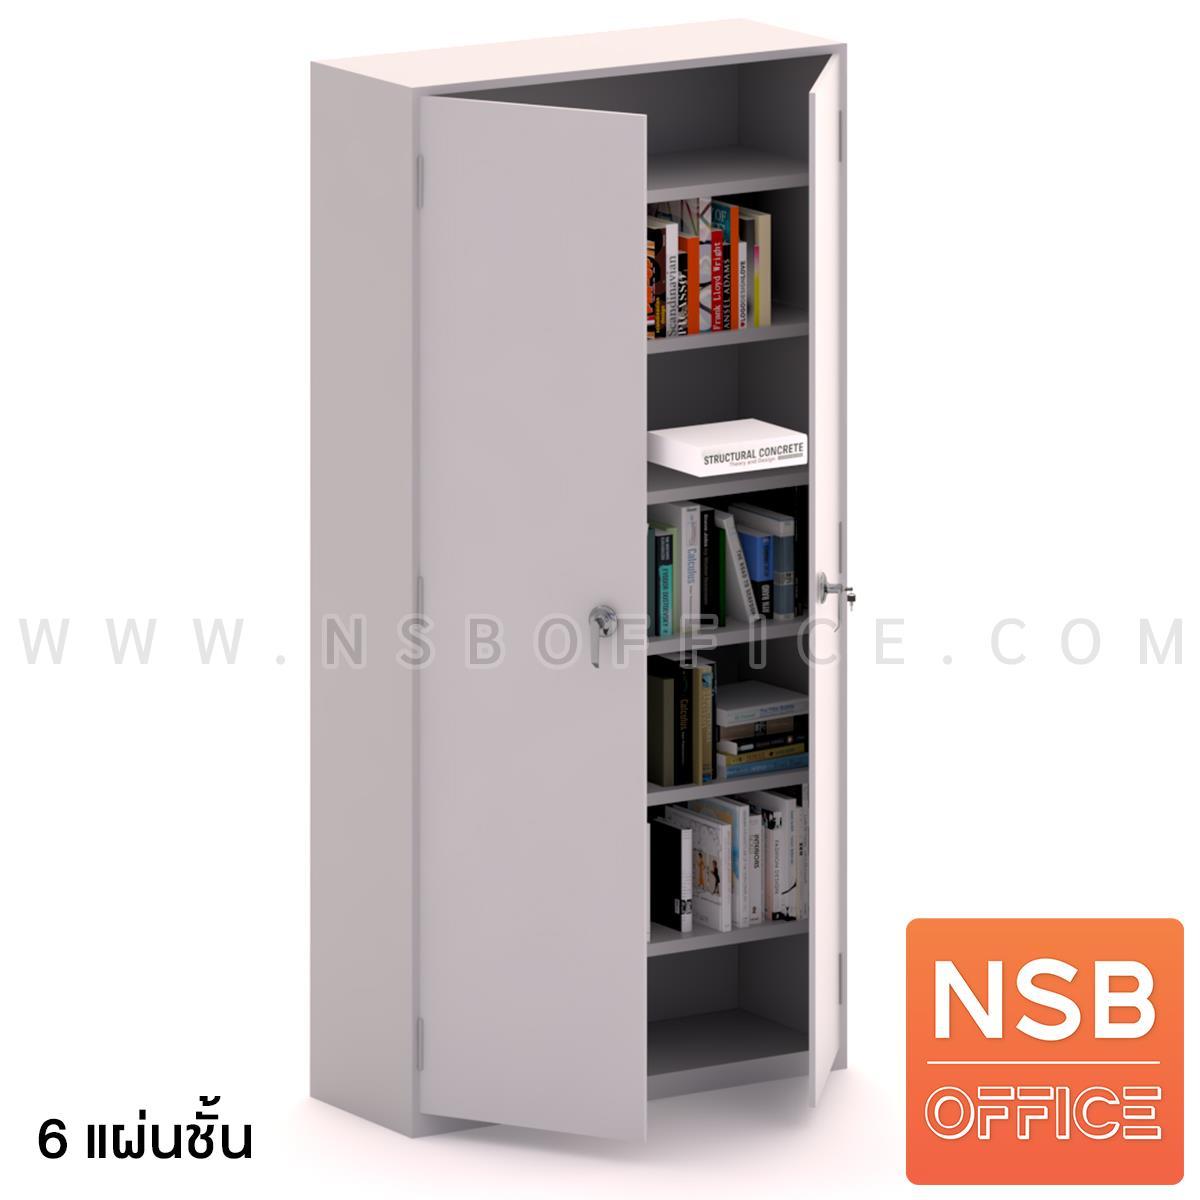 ตู้เก็บอุปกรณ์เหล็ก ใหญ่พิเศษ รุ่น Nature (เนเจอร์) ขนาด 106.6W*203.5H cm.